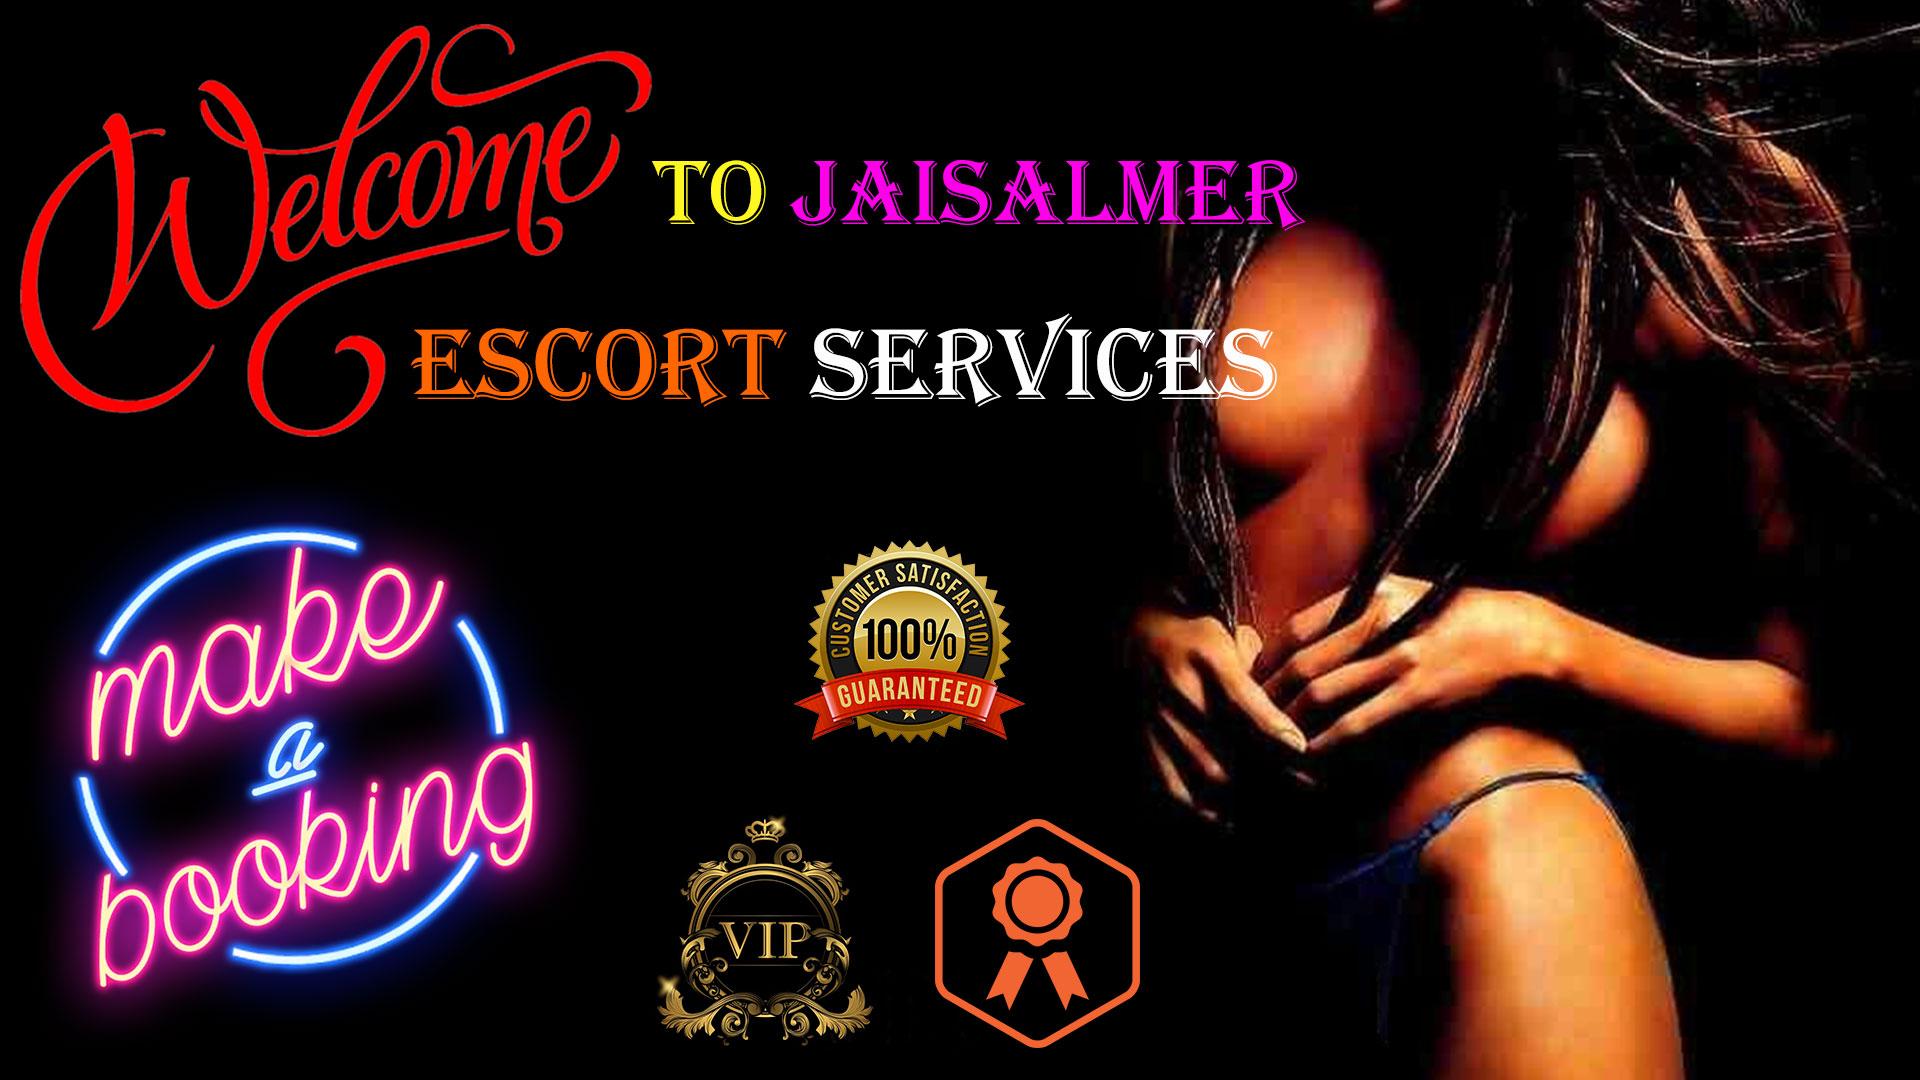 call girls in jaisalmer, escorts services in jaisalmer